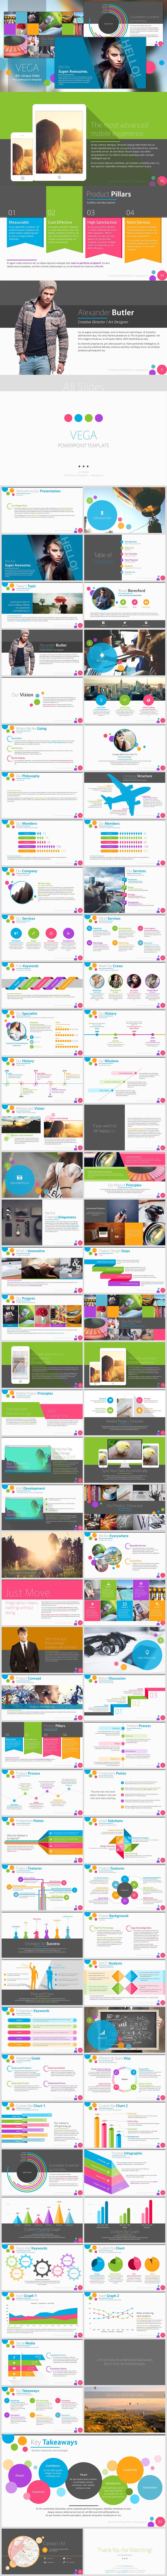 비즈니스/마케팅 프레젠테이션에 좋은 무료 파워포인트(PPT) 템플릿 - Free PowerPoint(PPT) Template Good For Business/Marketing Presentation